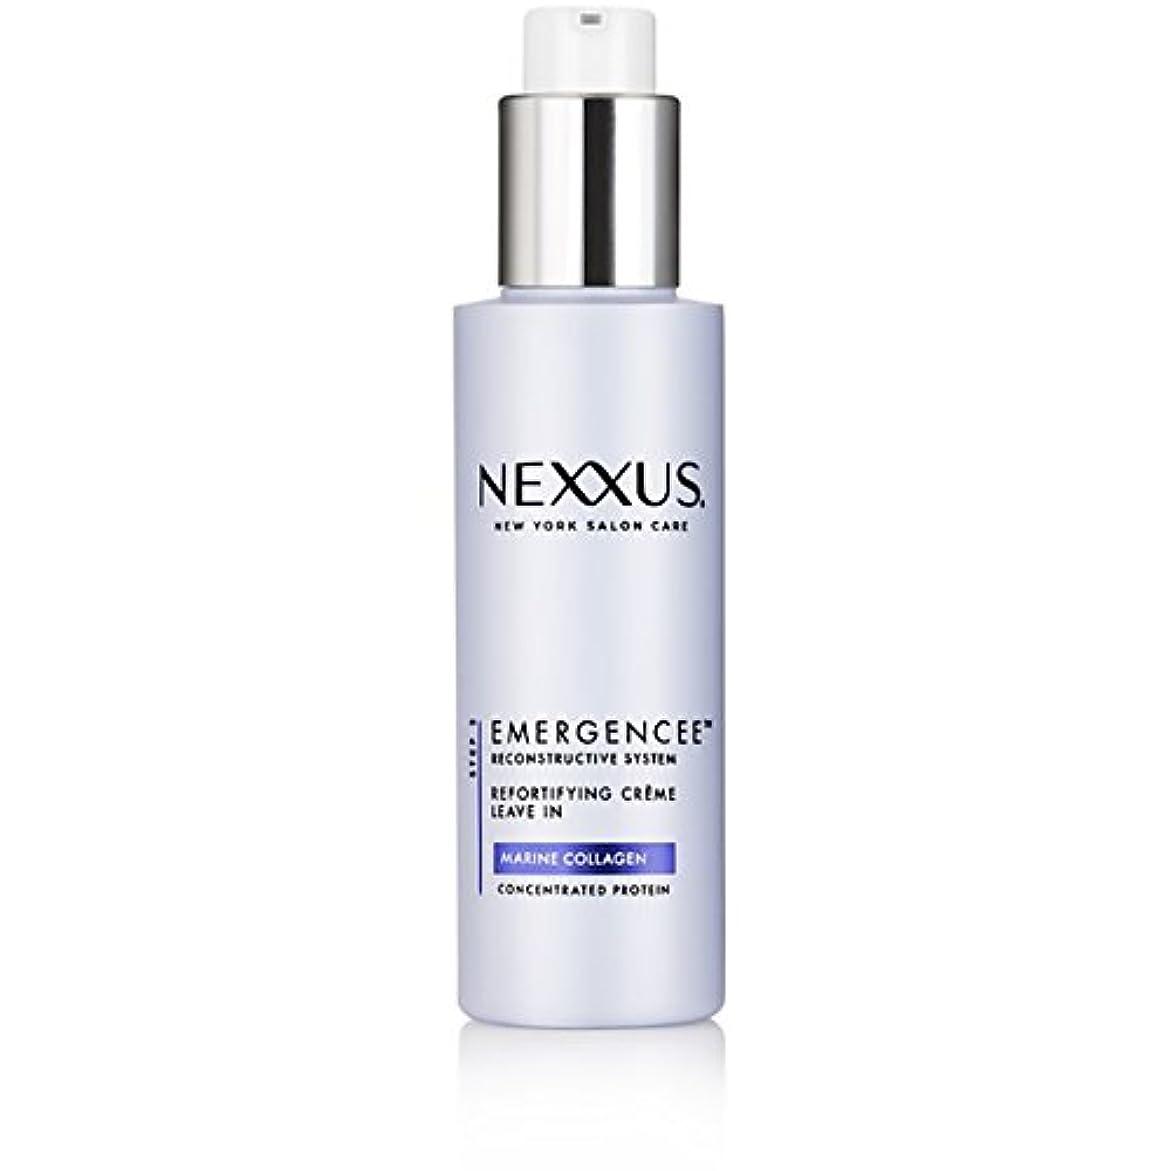 賛辞キャッチ擬人Nexxus Emergenceeはダメージを受けた髪のためにクリーム状にしておきます、150 ml